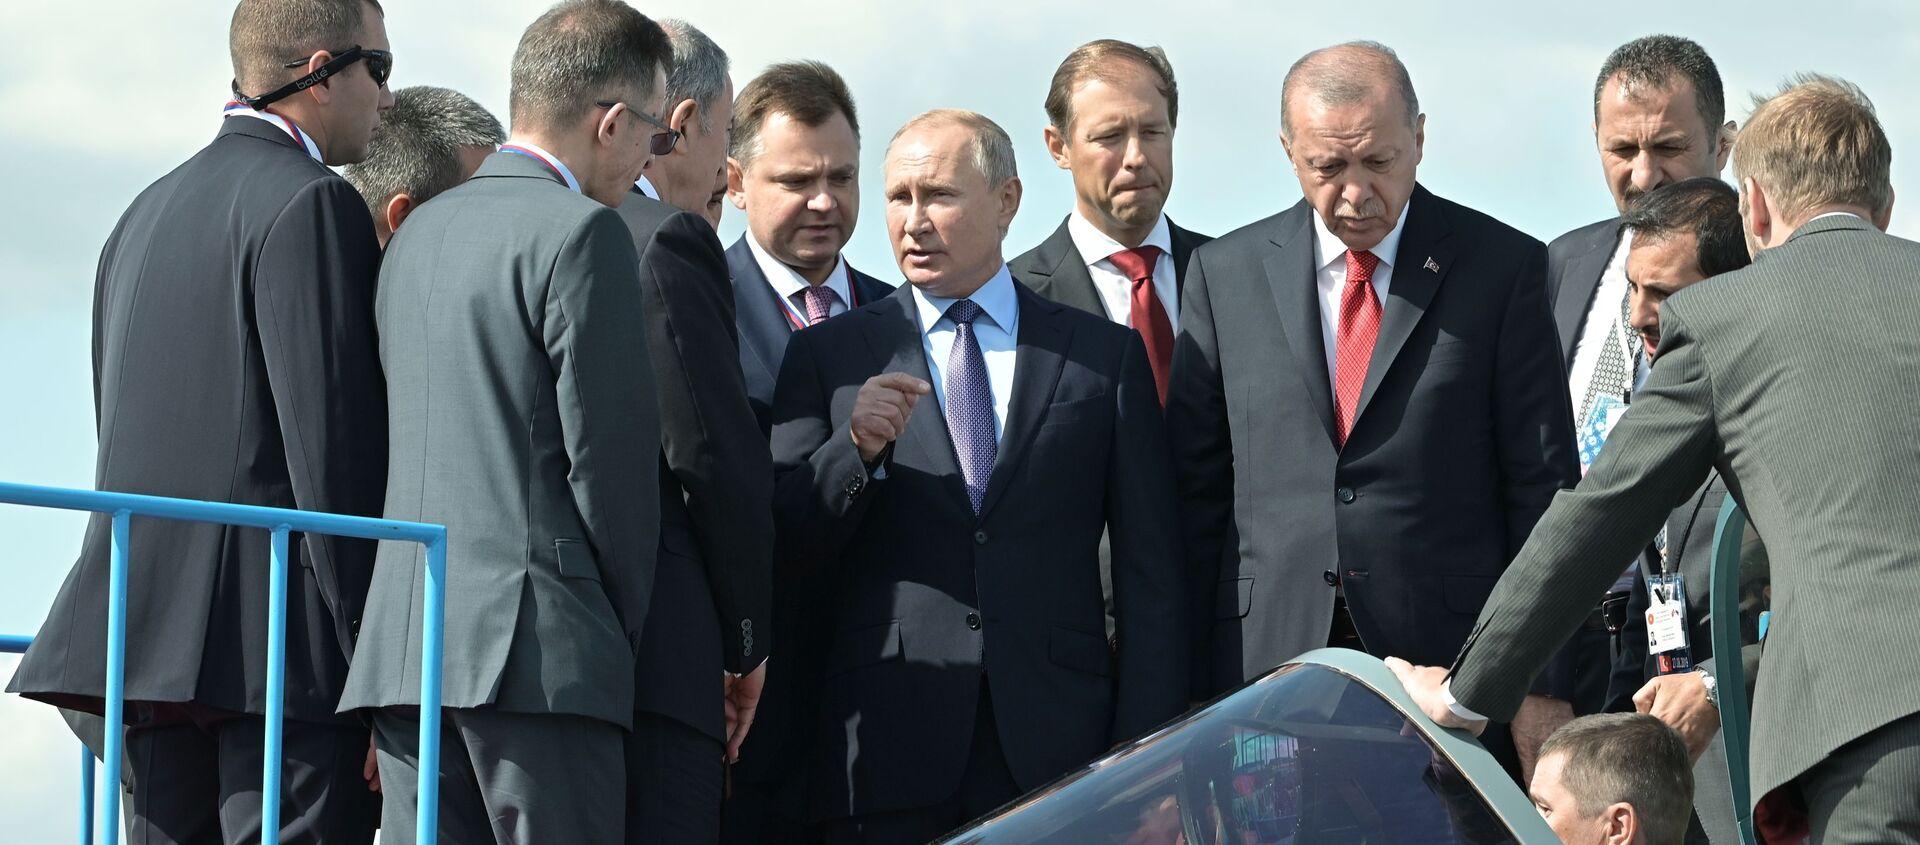 Các ông Putin và Erdogan trực tiếp kiểm tra chiến đấu cơ Su-57 mới tại MAKS 2019. - Sputnik Việt Nam, 1920, 15.07.2021